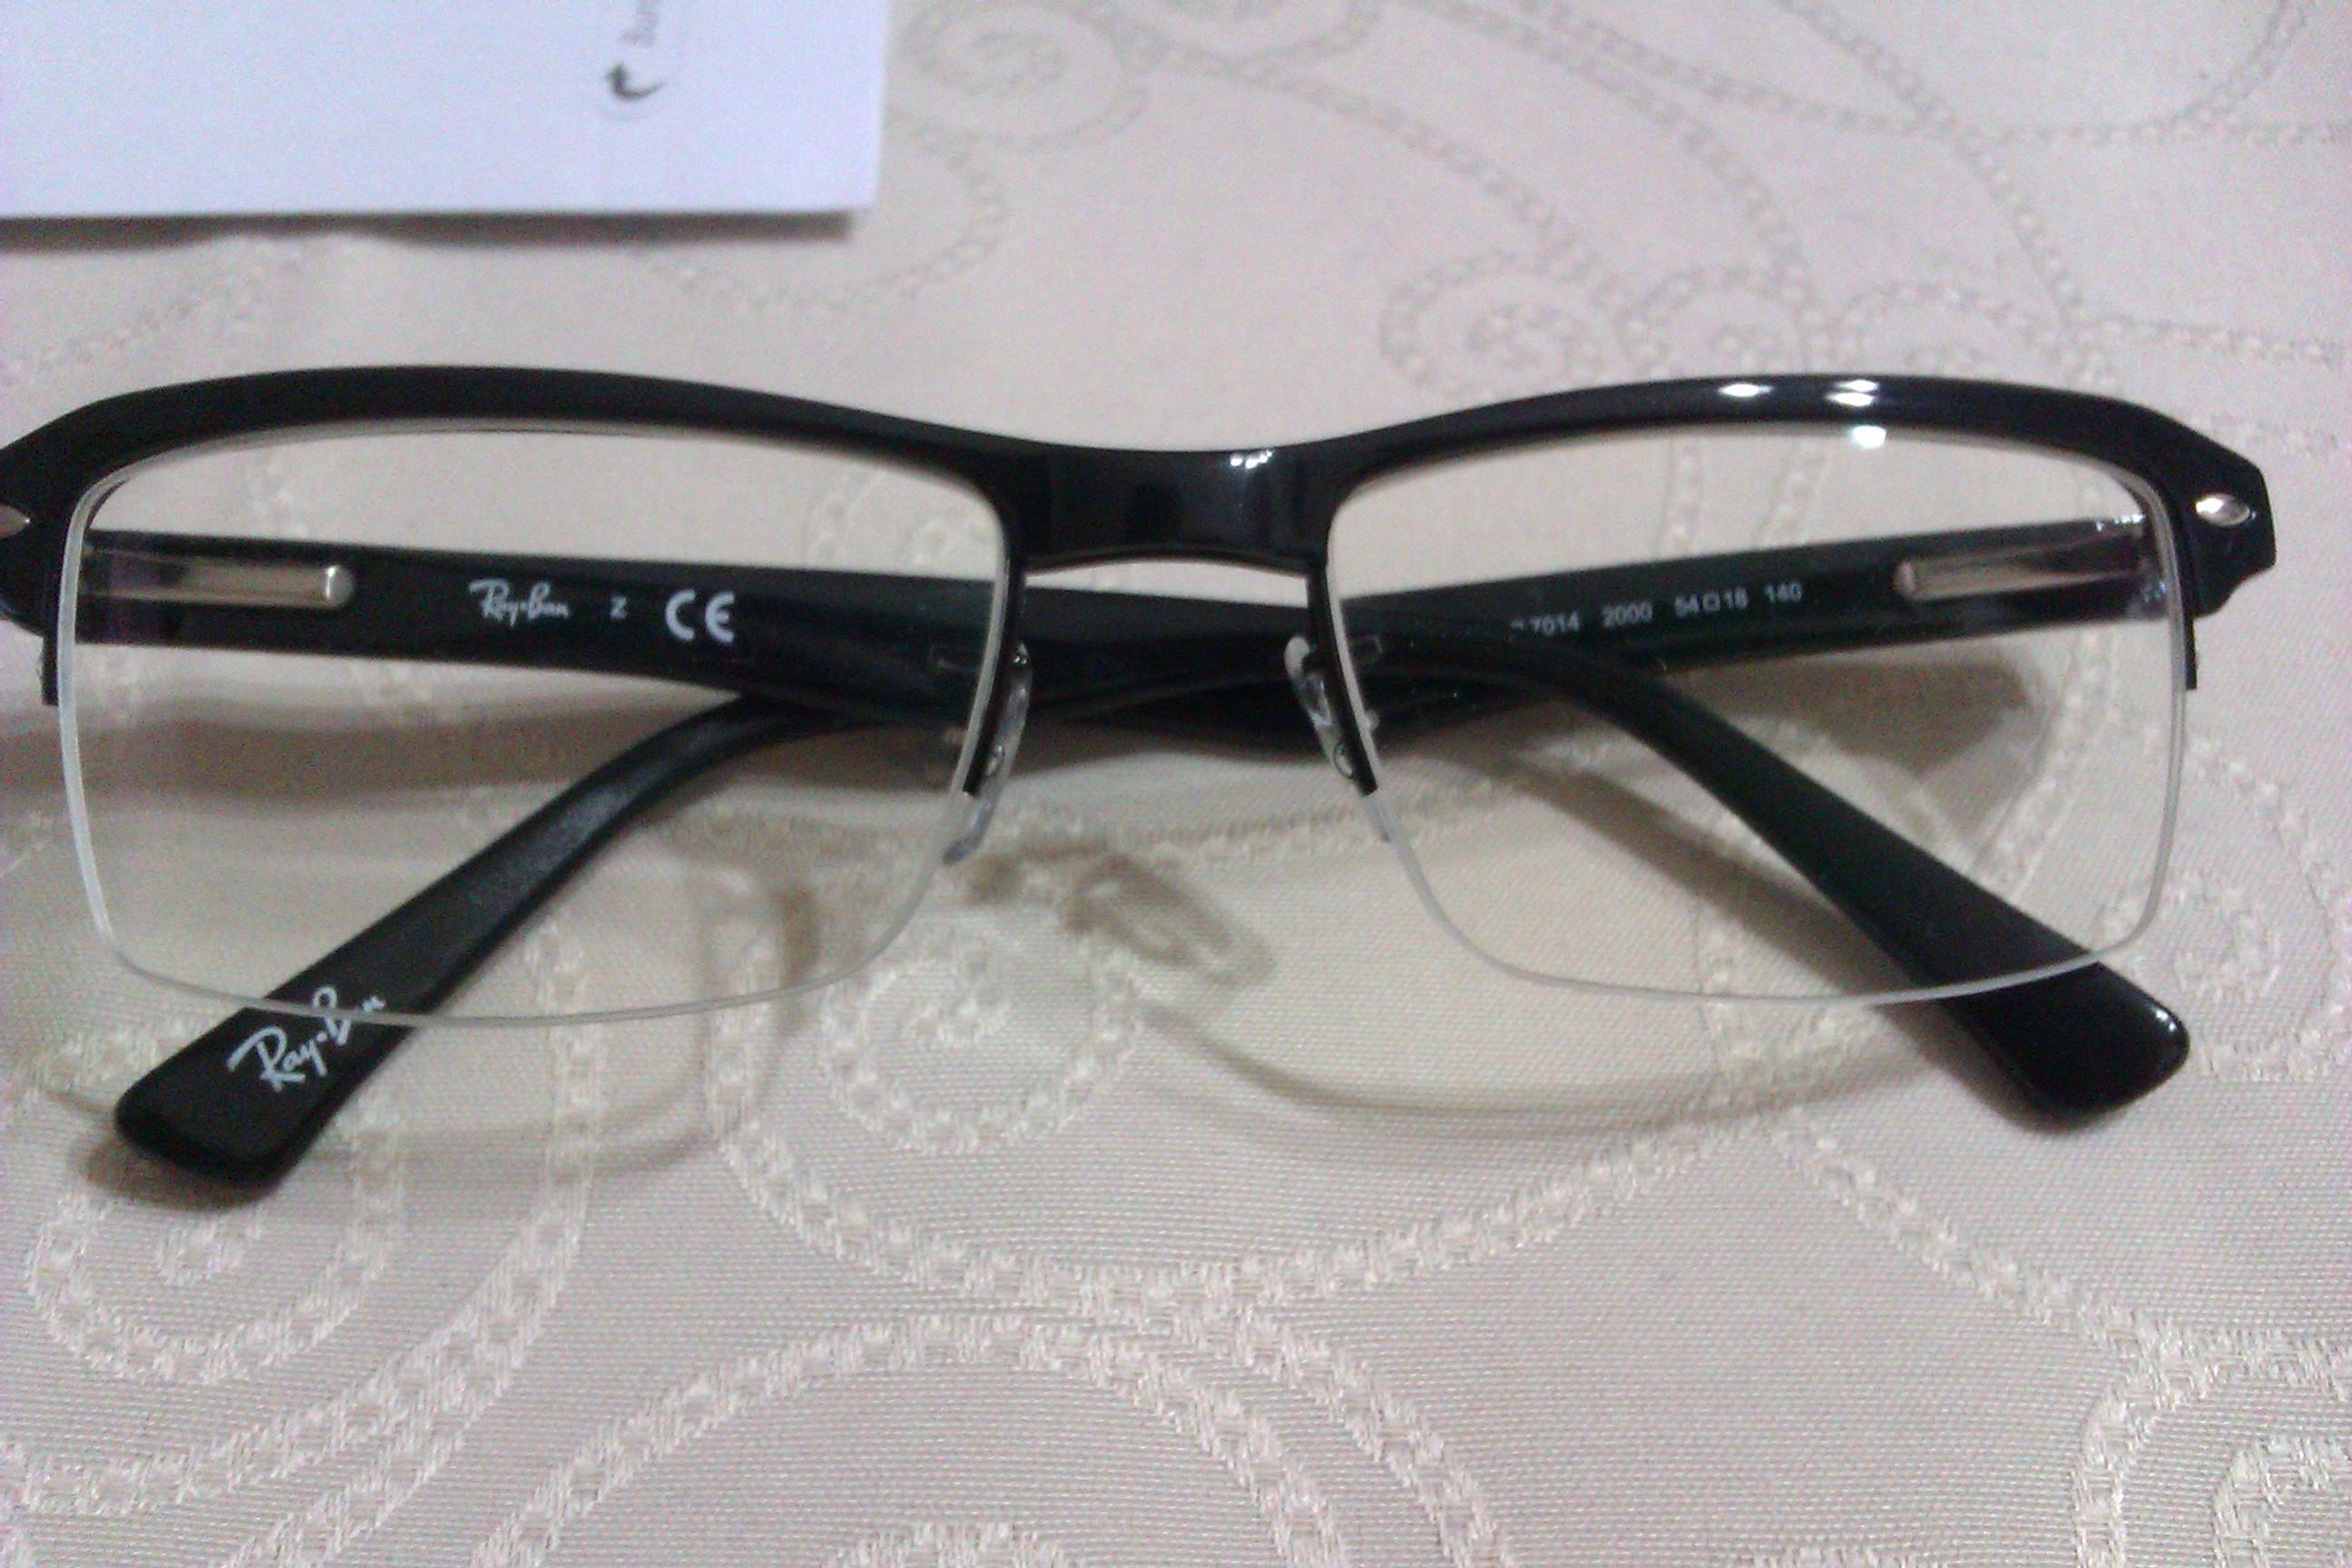 Neden bilgisayar için gözlük lazım ve bunları nasıl doğru seçeceğiz